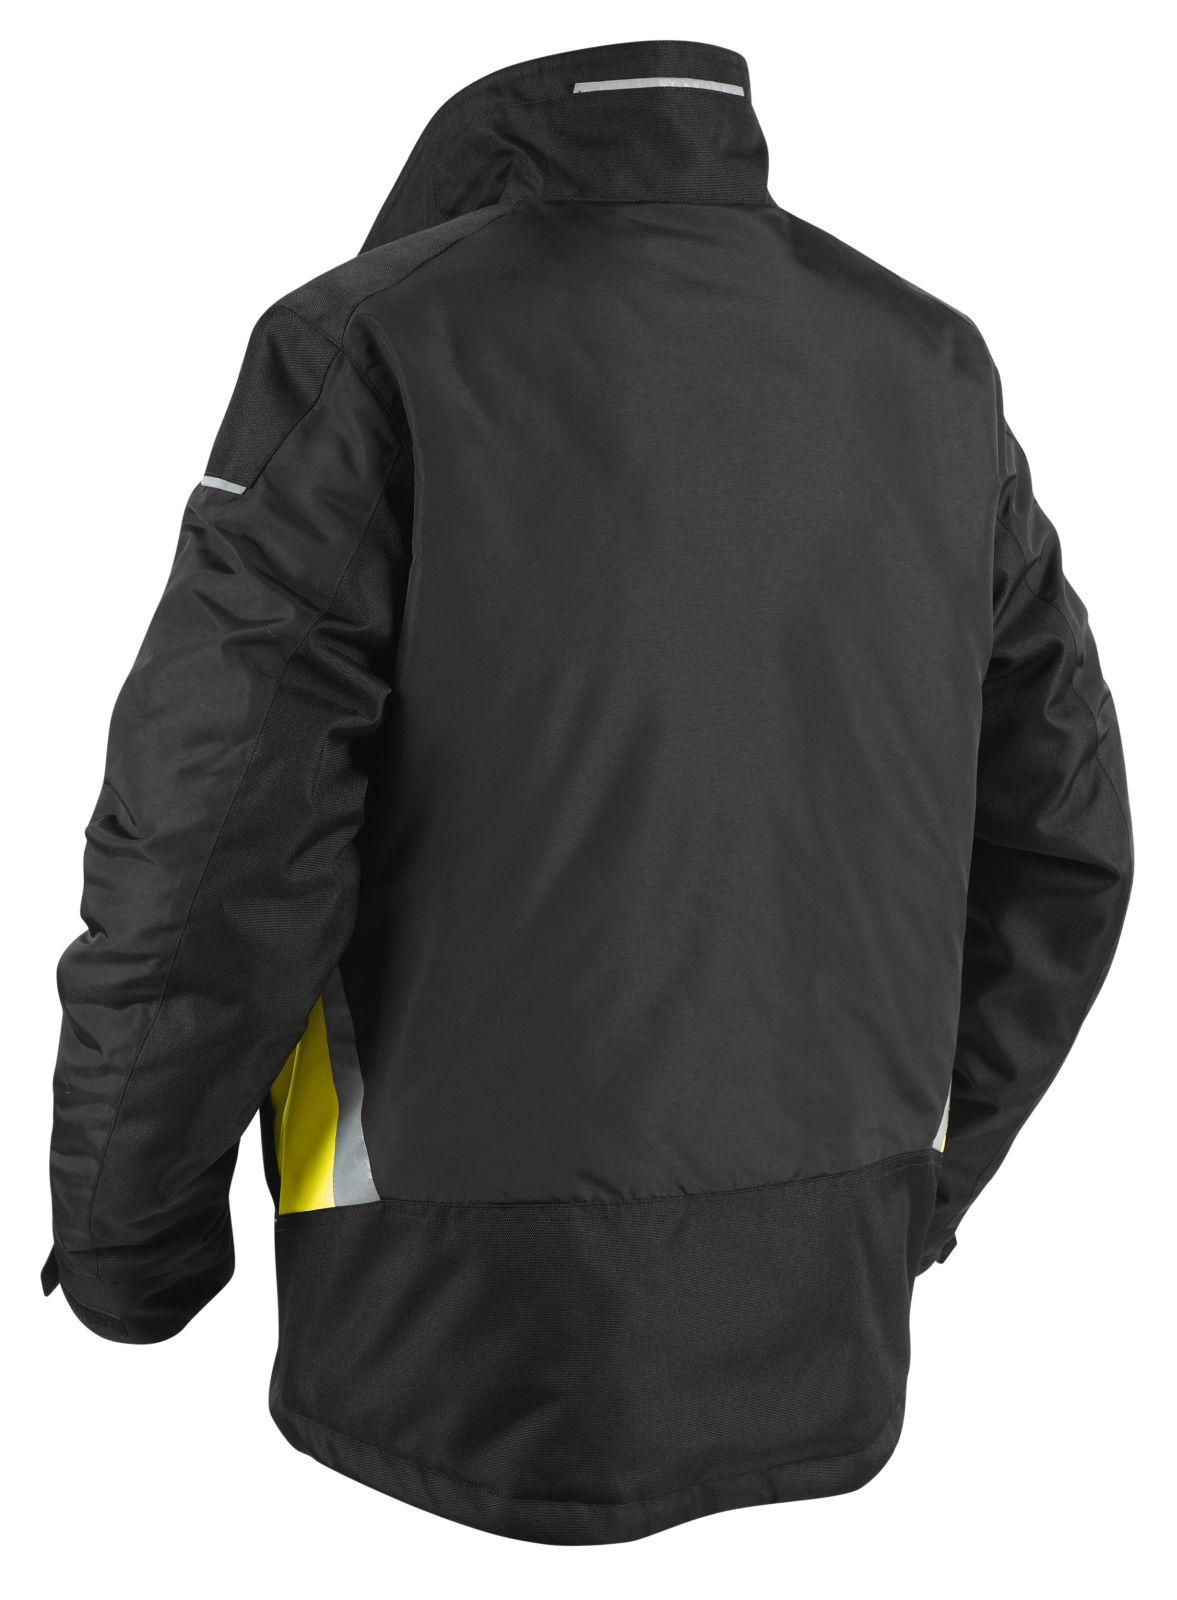 Blaklader Jassen 48831961 zwart-geel(9933)